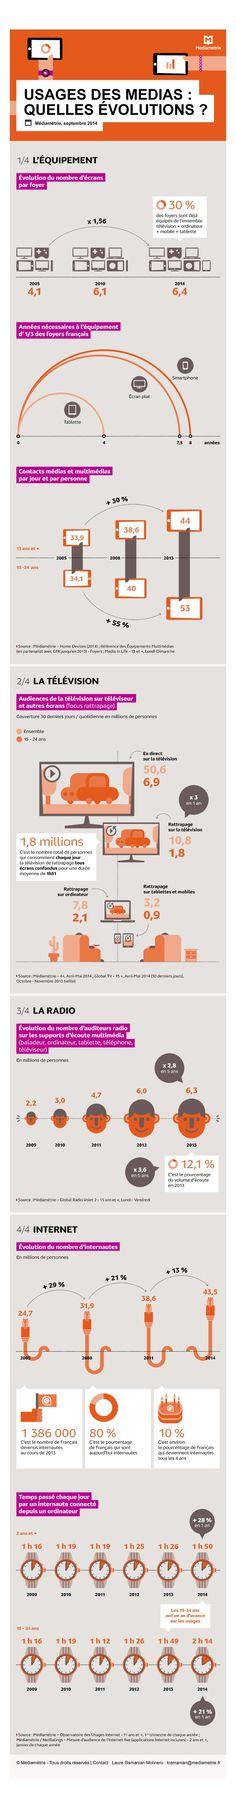 Quels usages pour le multimédia ? CB News publie en exclusivité une étude Médiamétrie sur l'évolution des usages des médias. Alors que le nombre d'équipement augmente, que les écrans se multiplient, comment les consommateurs répartissent leur temps ?